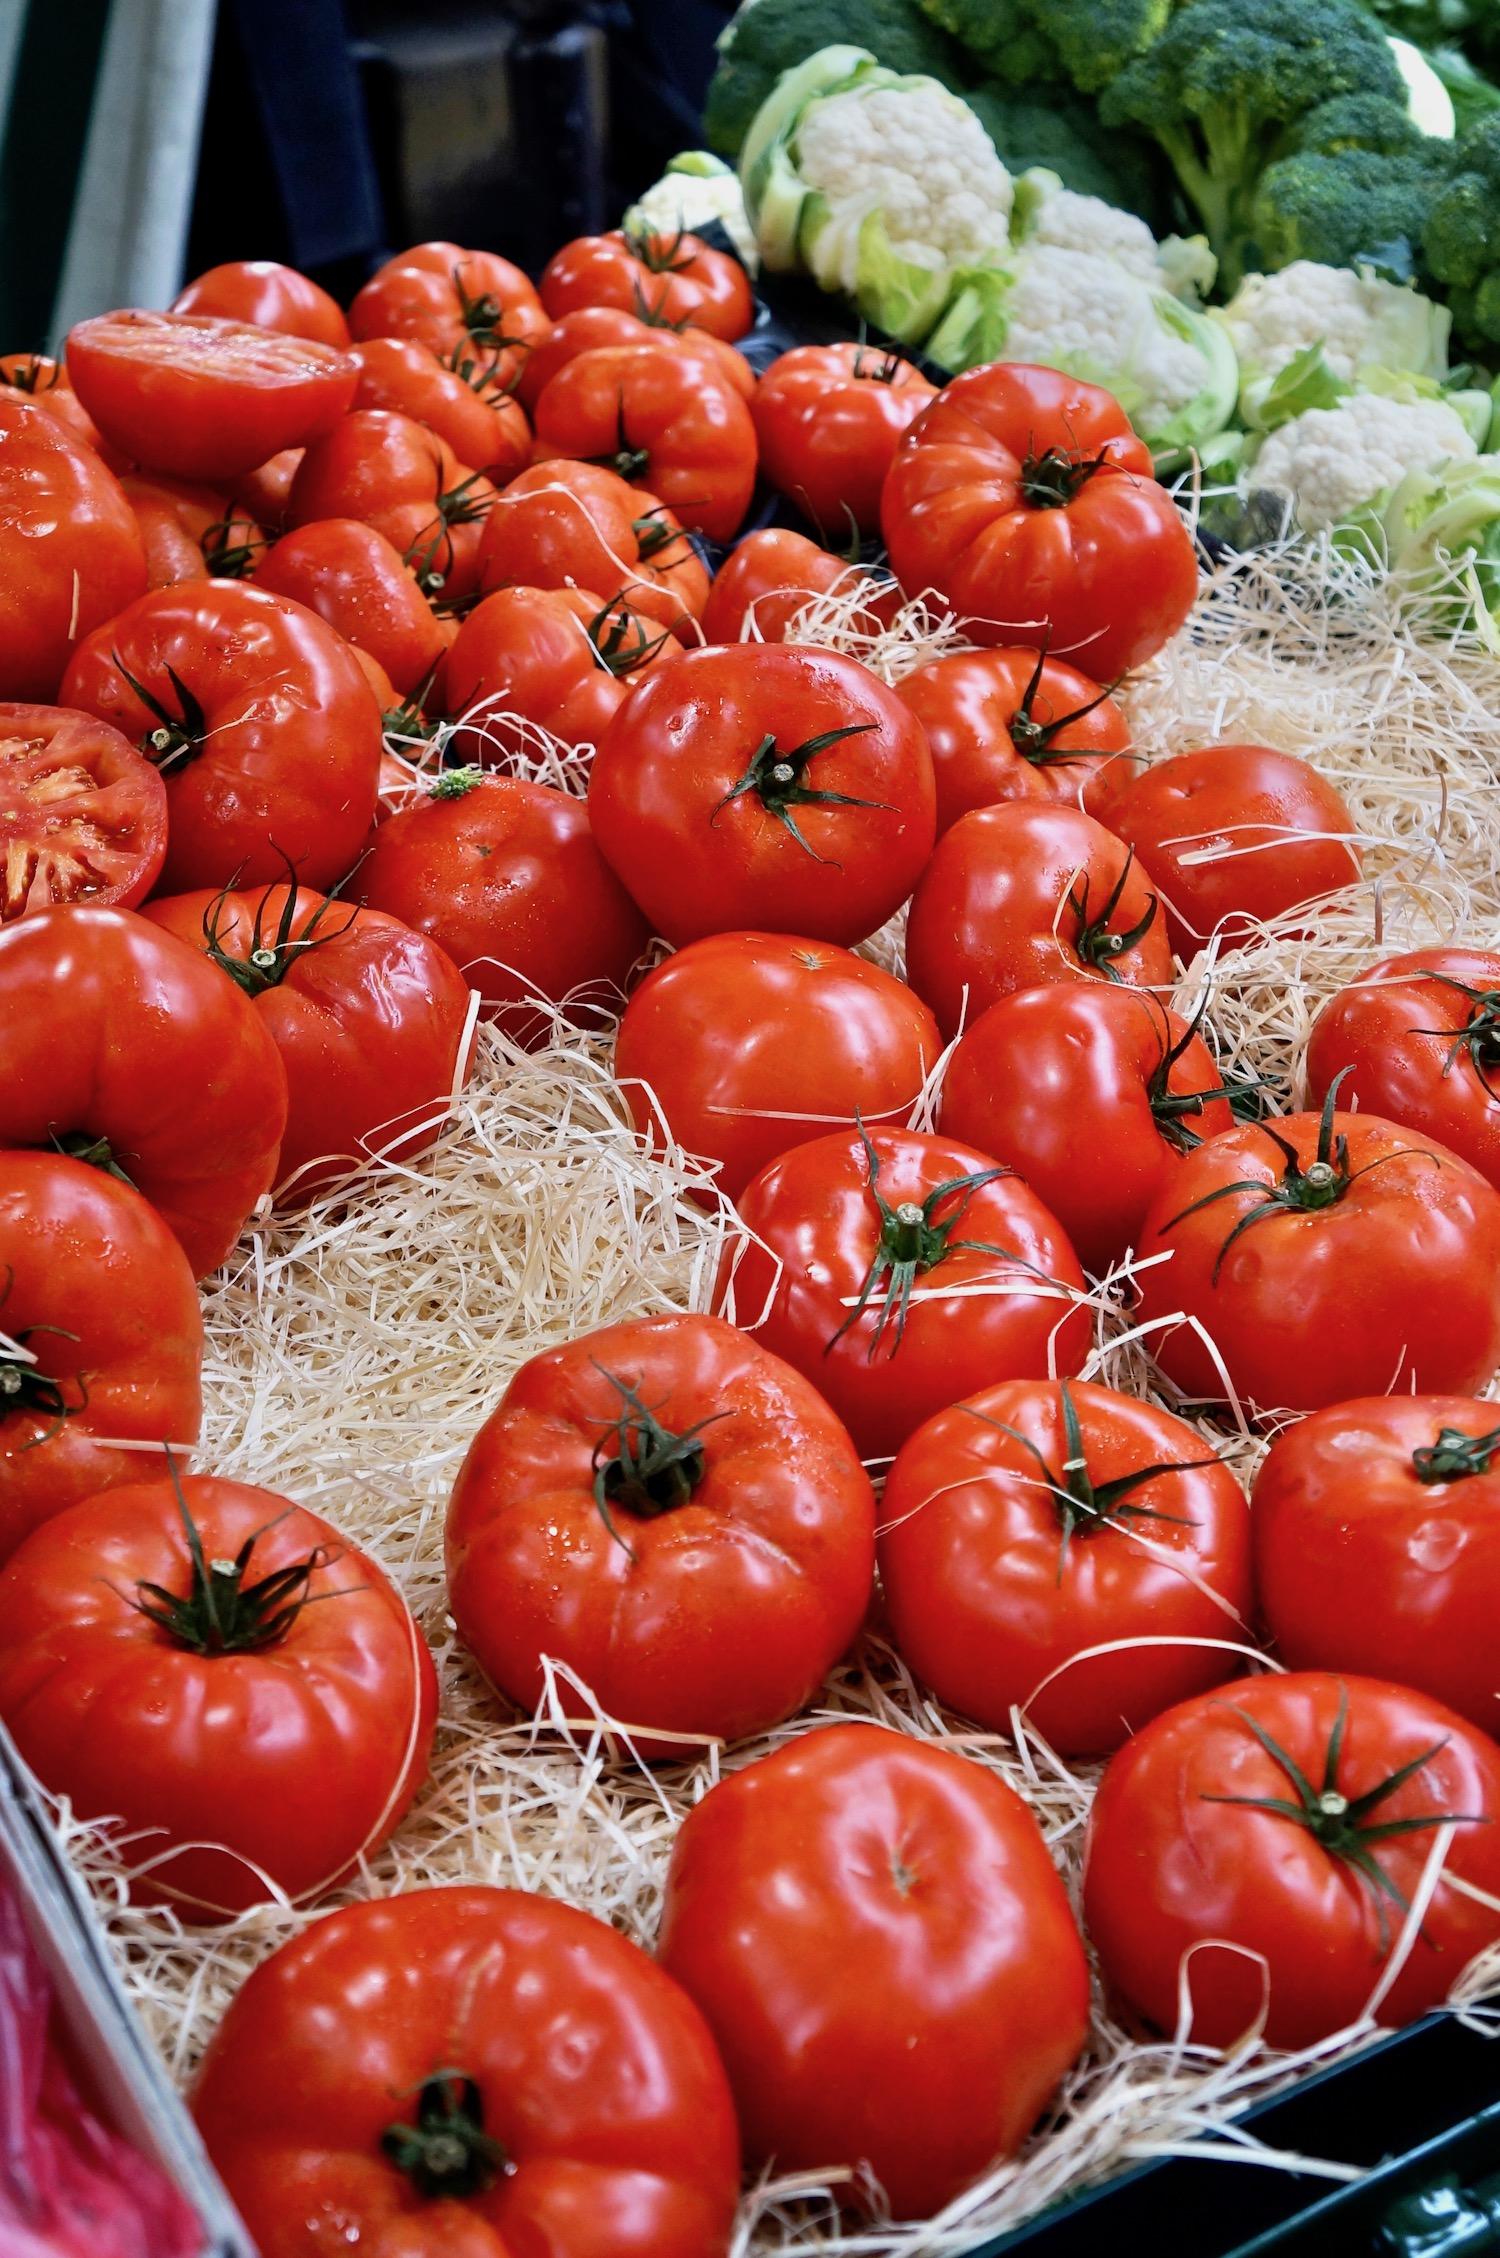 Marché Raspail Tomatoes